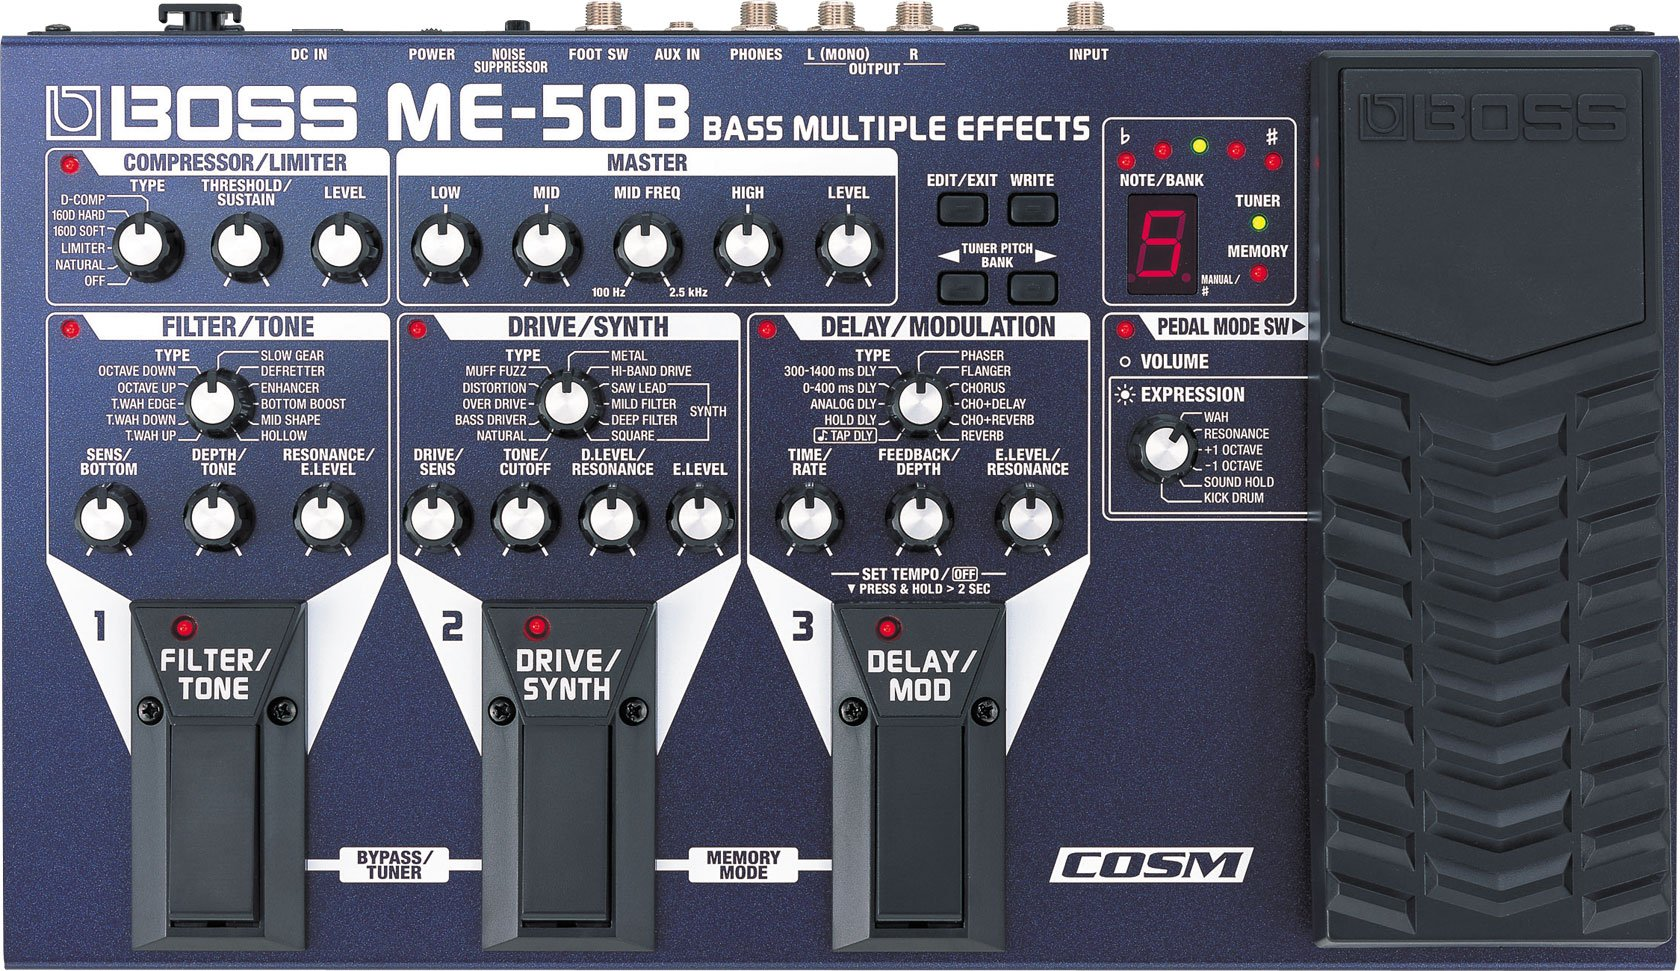 BOSS ME-50B BASS MULTI EFFECTS BOARD